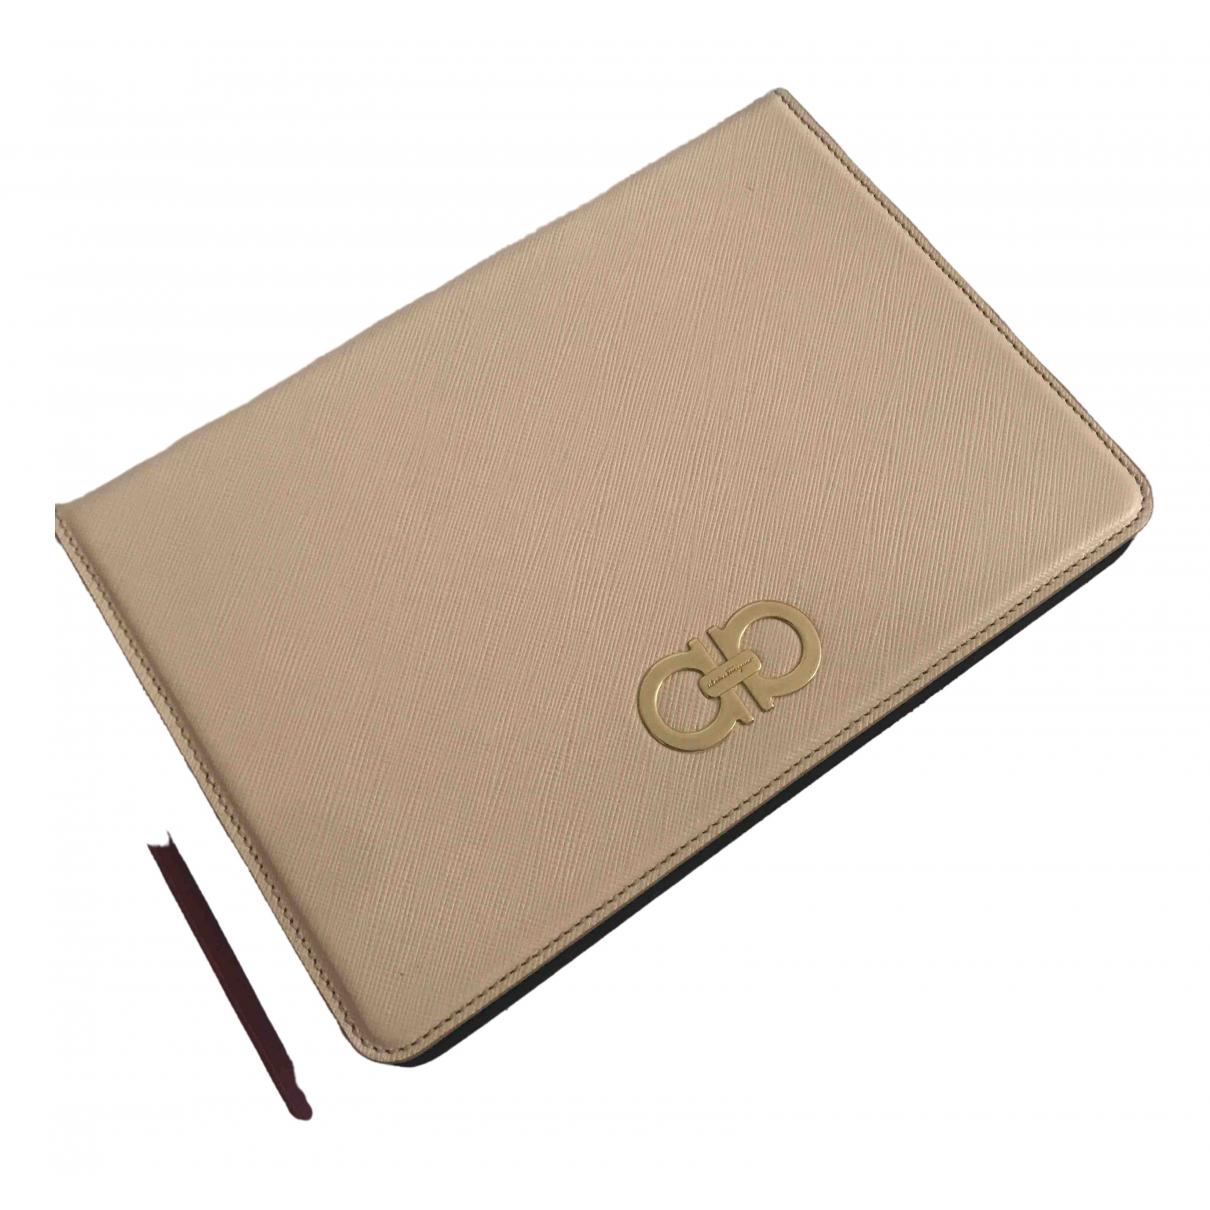 Salvatore Ferragamo - Accessoires   pour lifestyle en cuir - beige